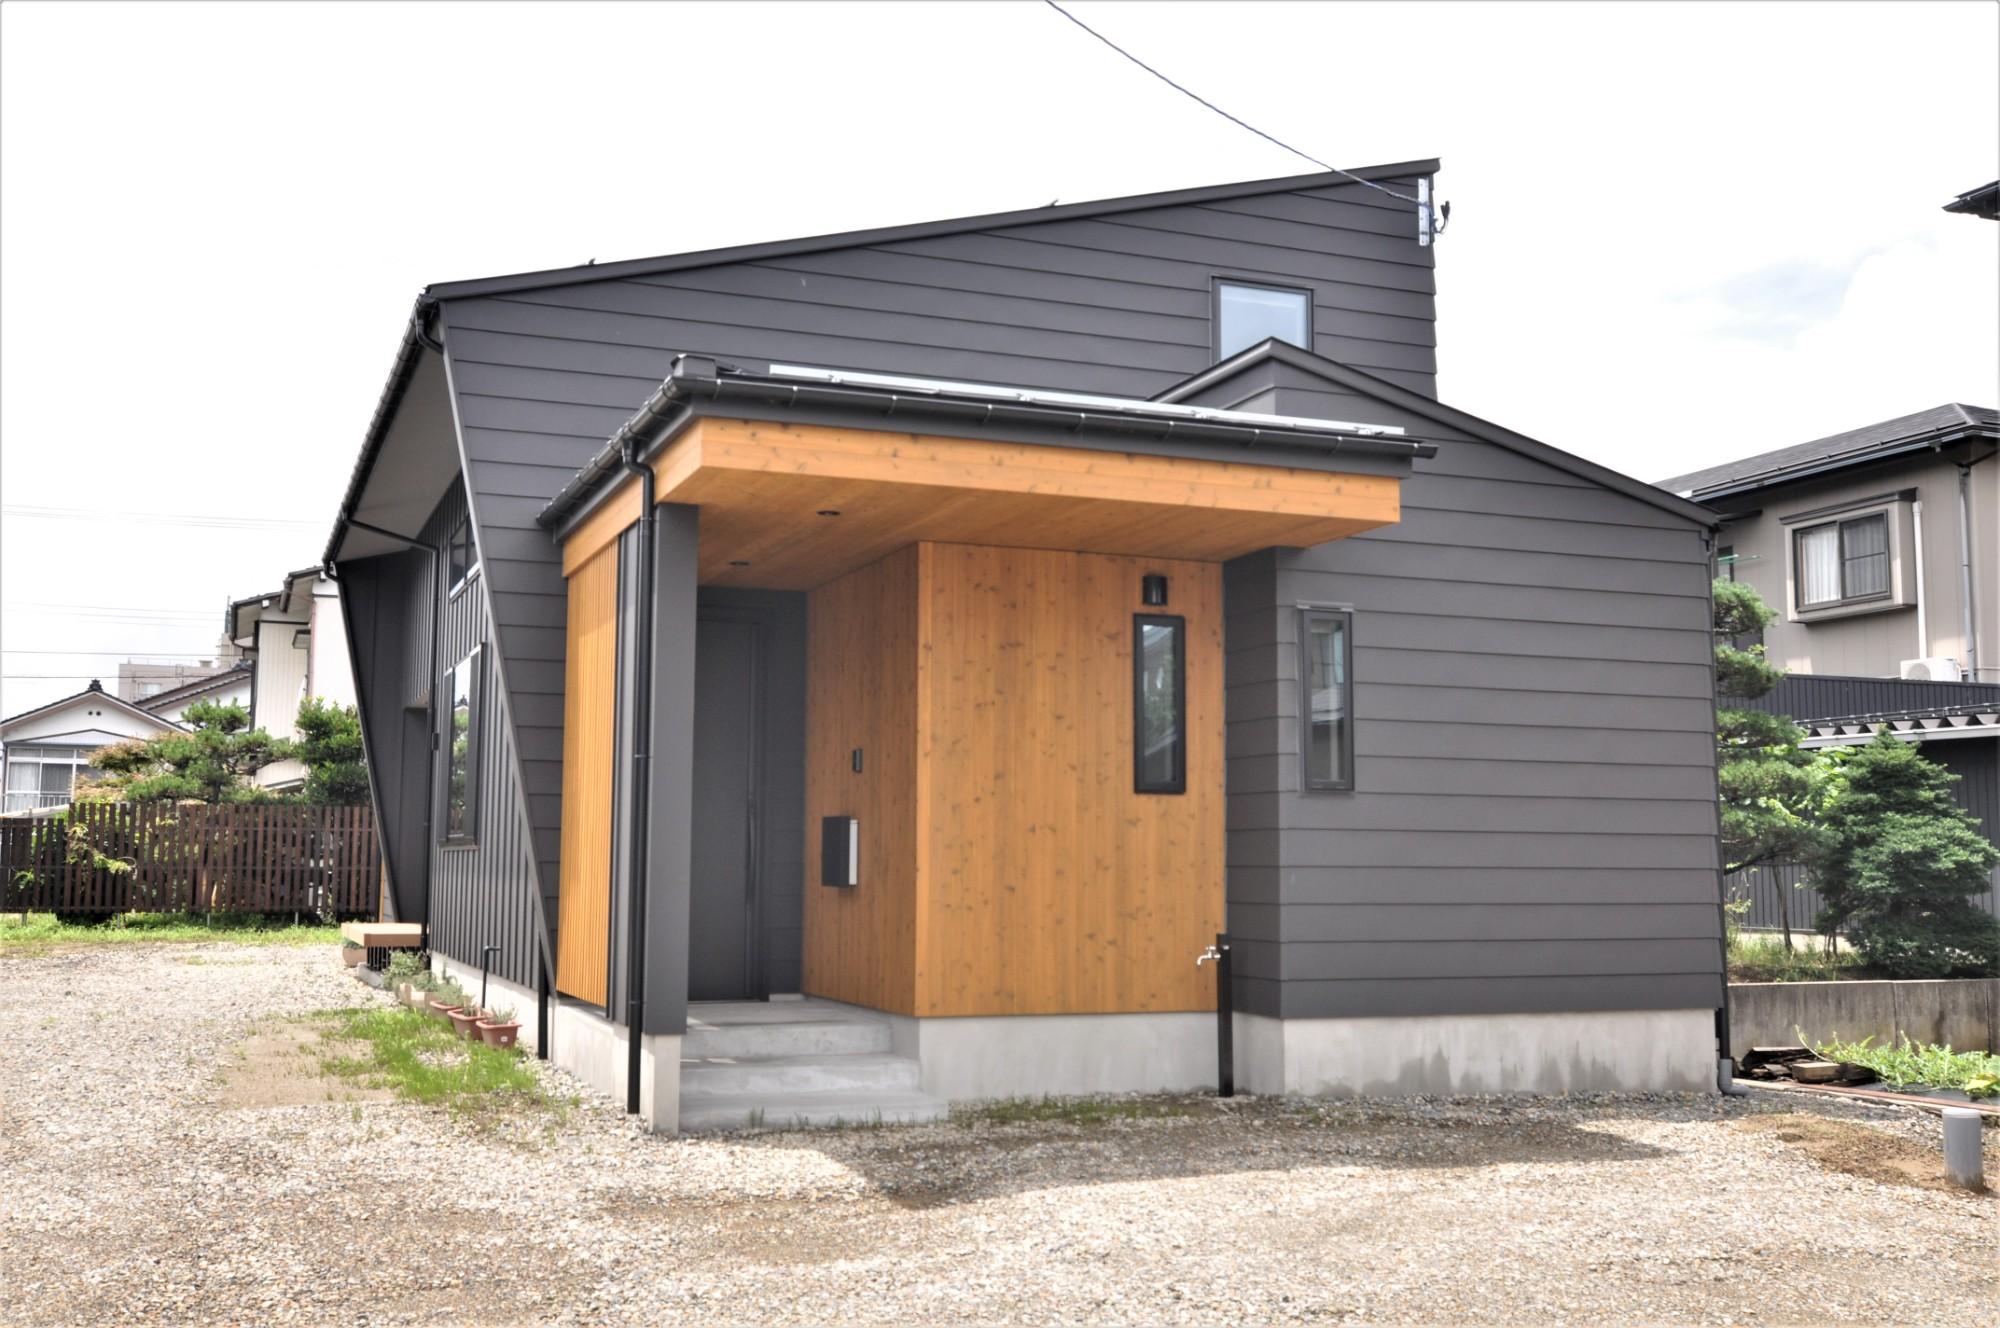 有限会社 市川建築店 1級建築士事務所「オーク床とエッグウォールの調湿住宅(認定低炭素住宅)」の和風・和モダンな外観の実例写真